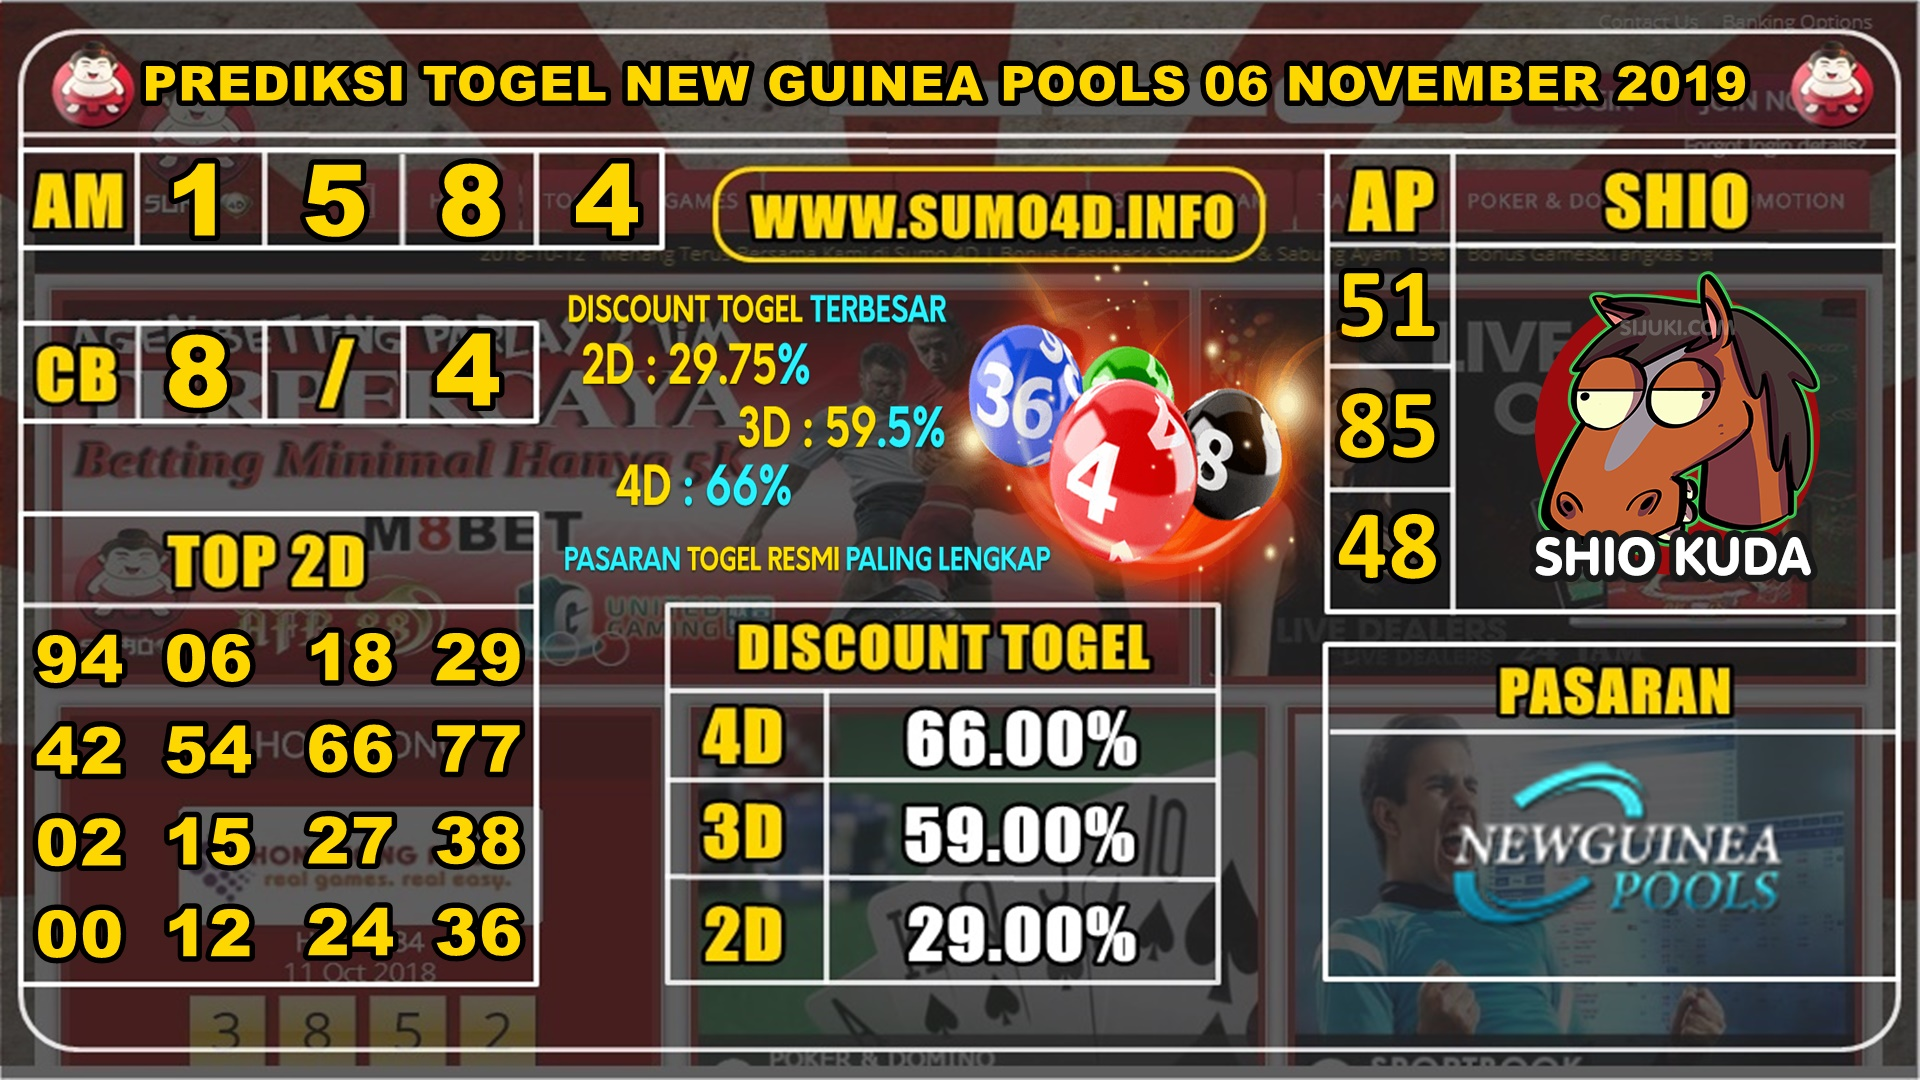 PREDIKSI TOGEL NEW GUINEA POOLS 06 NOVEMBER 2019